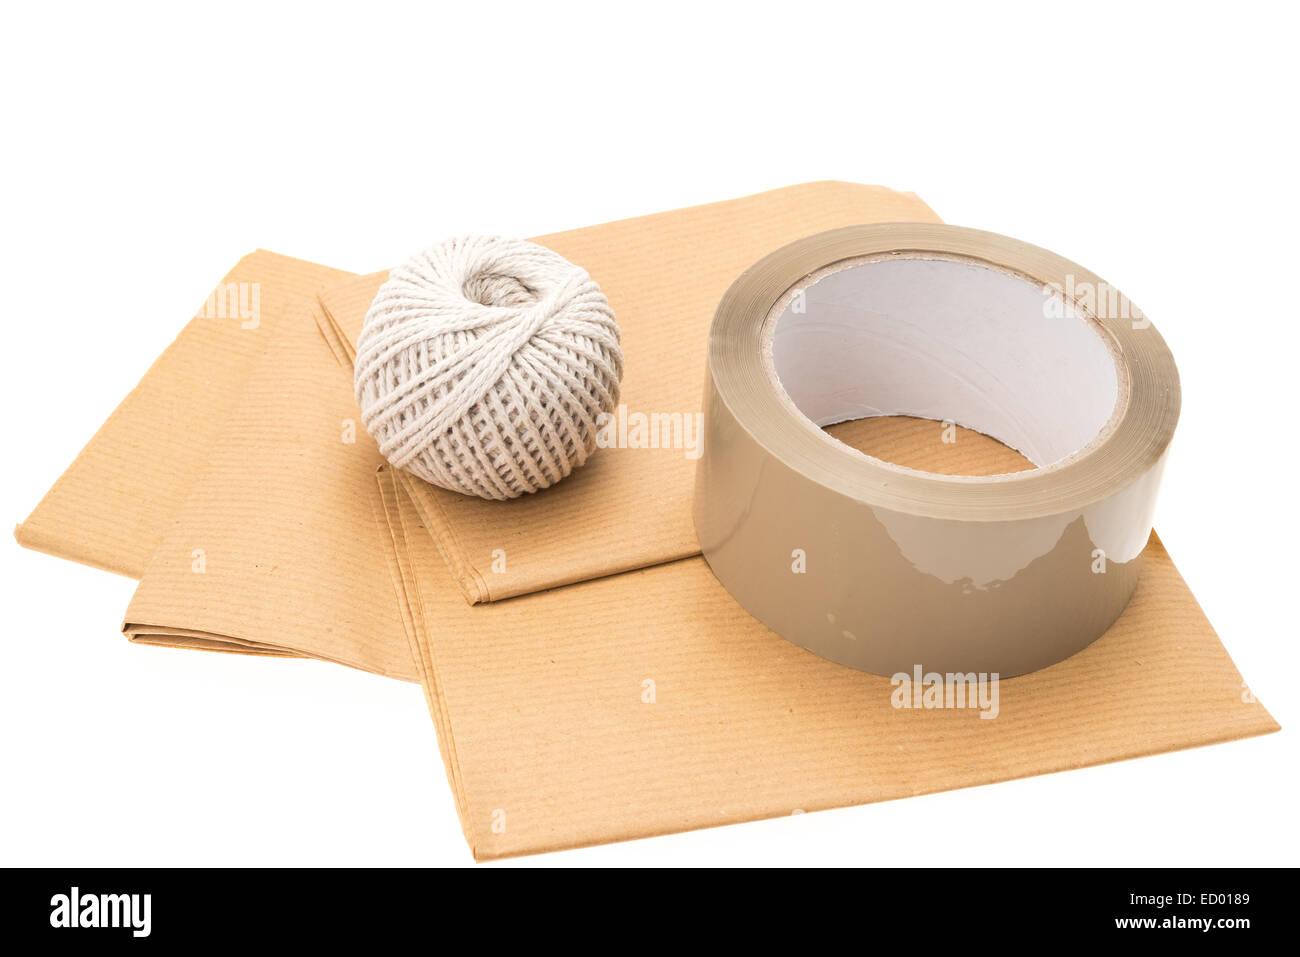 Trois éléments essentiels pour un paquet enveloppé avec succès - du papier d'emballage, Photo Stock